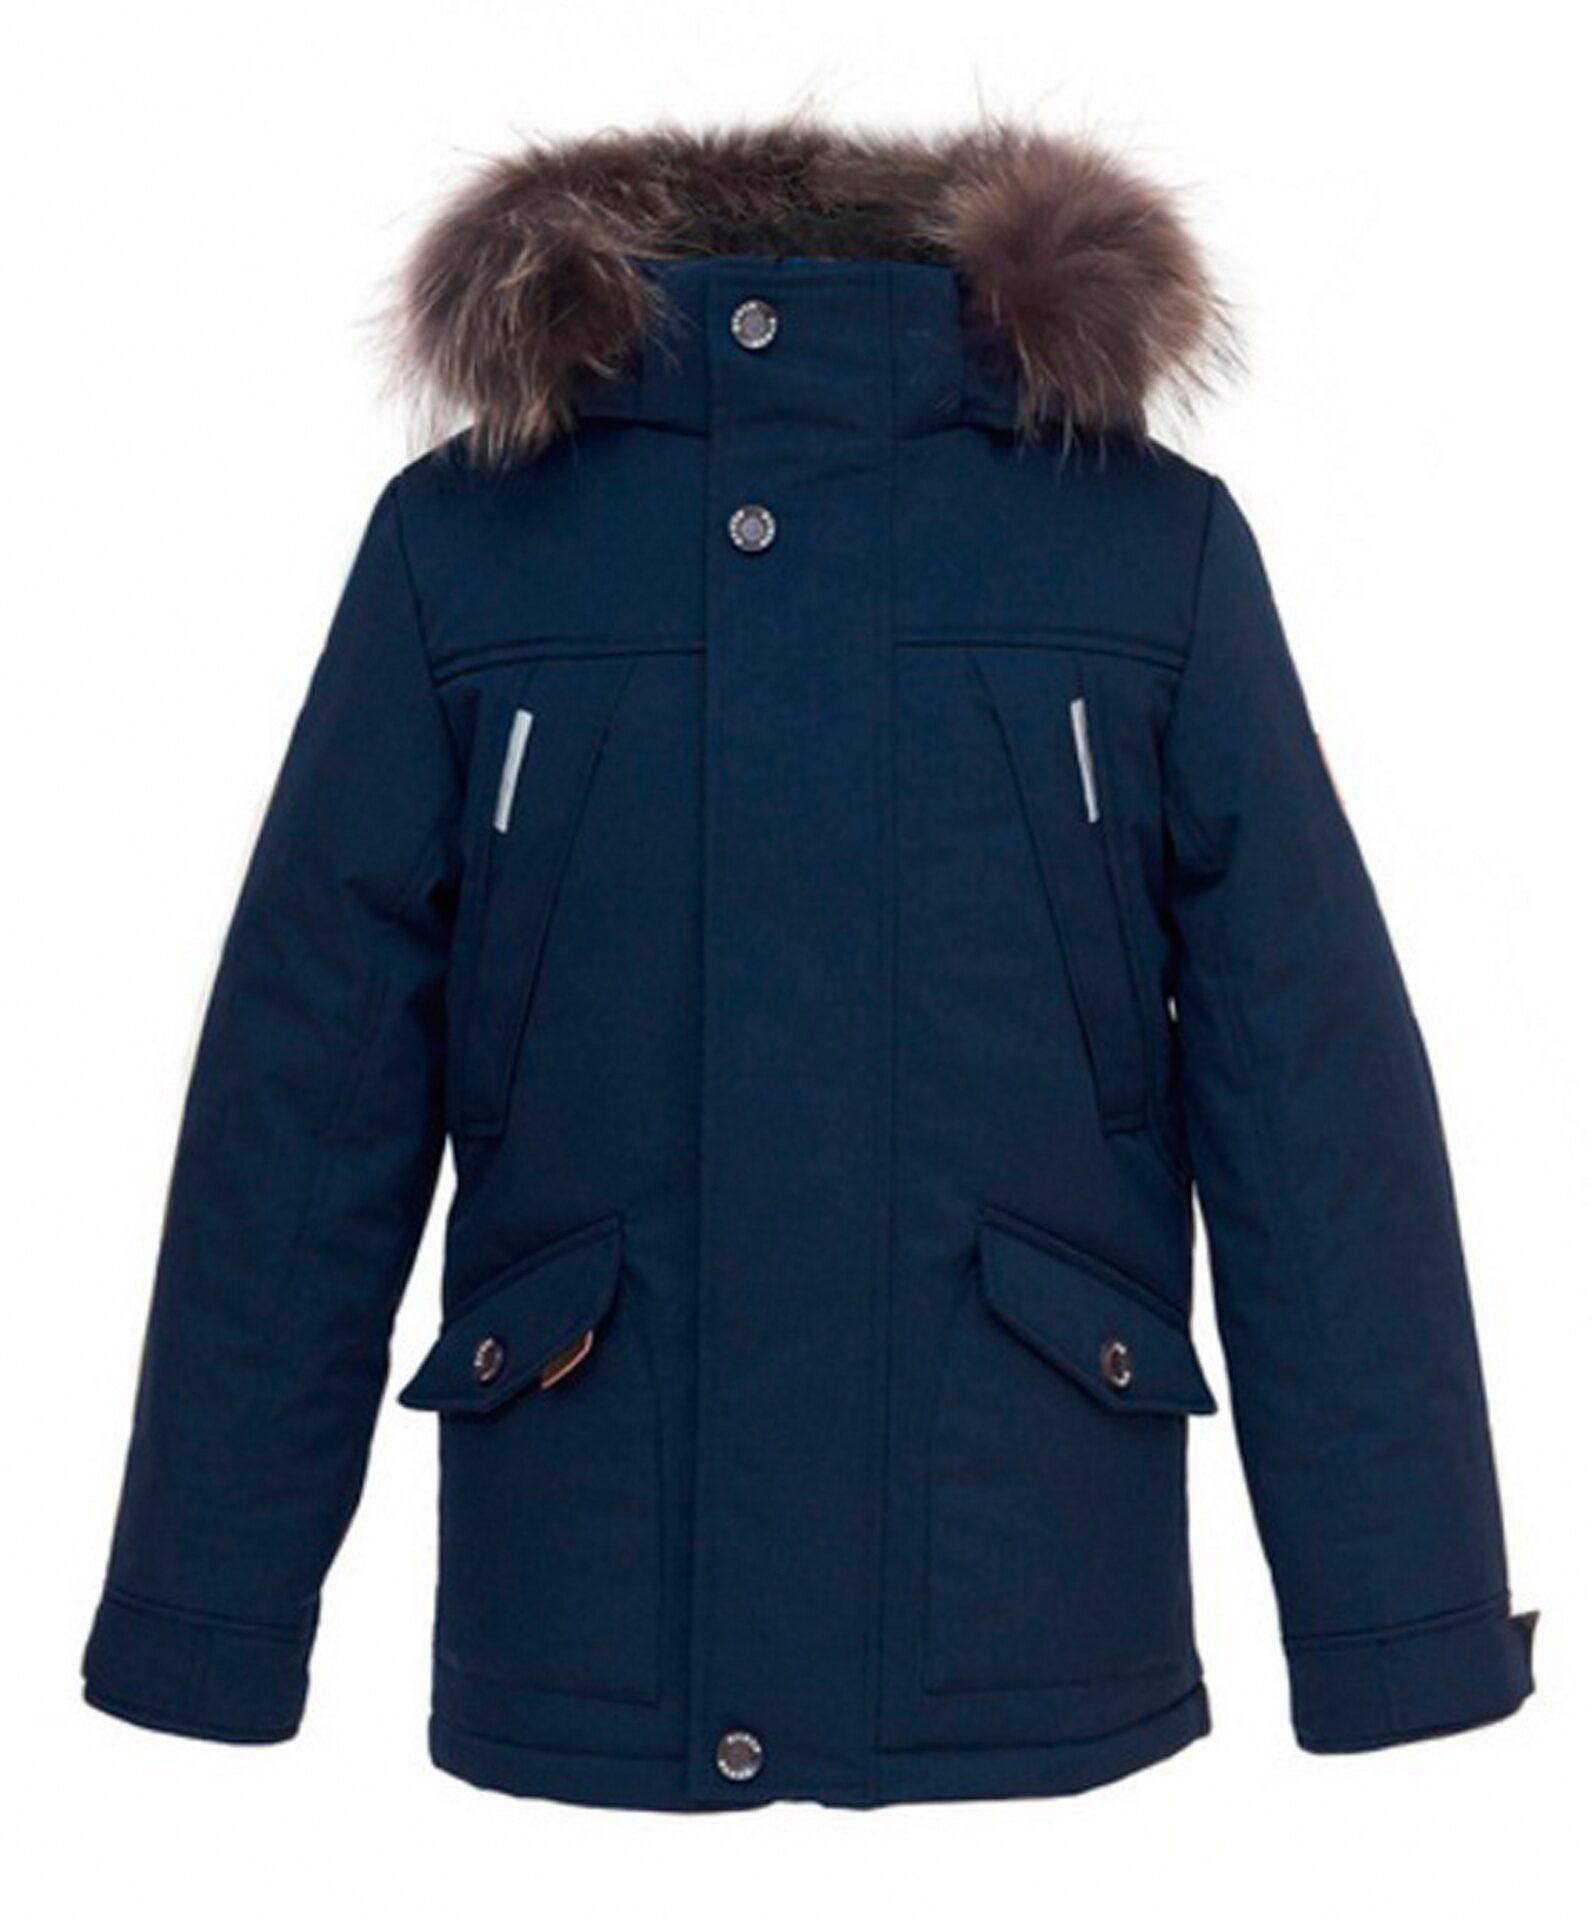 Кика детская зимняя одежда